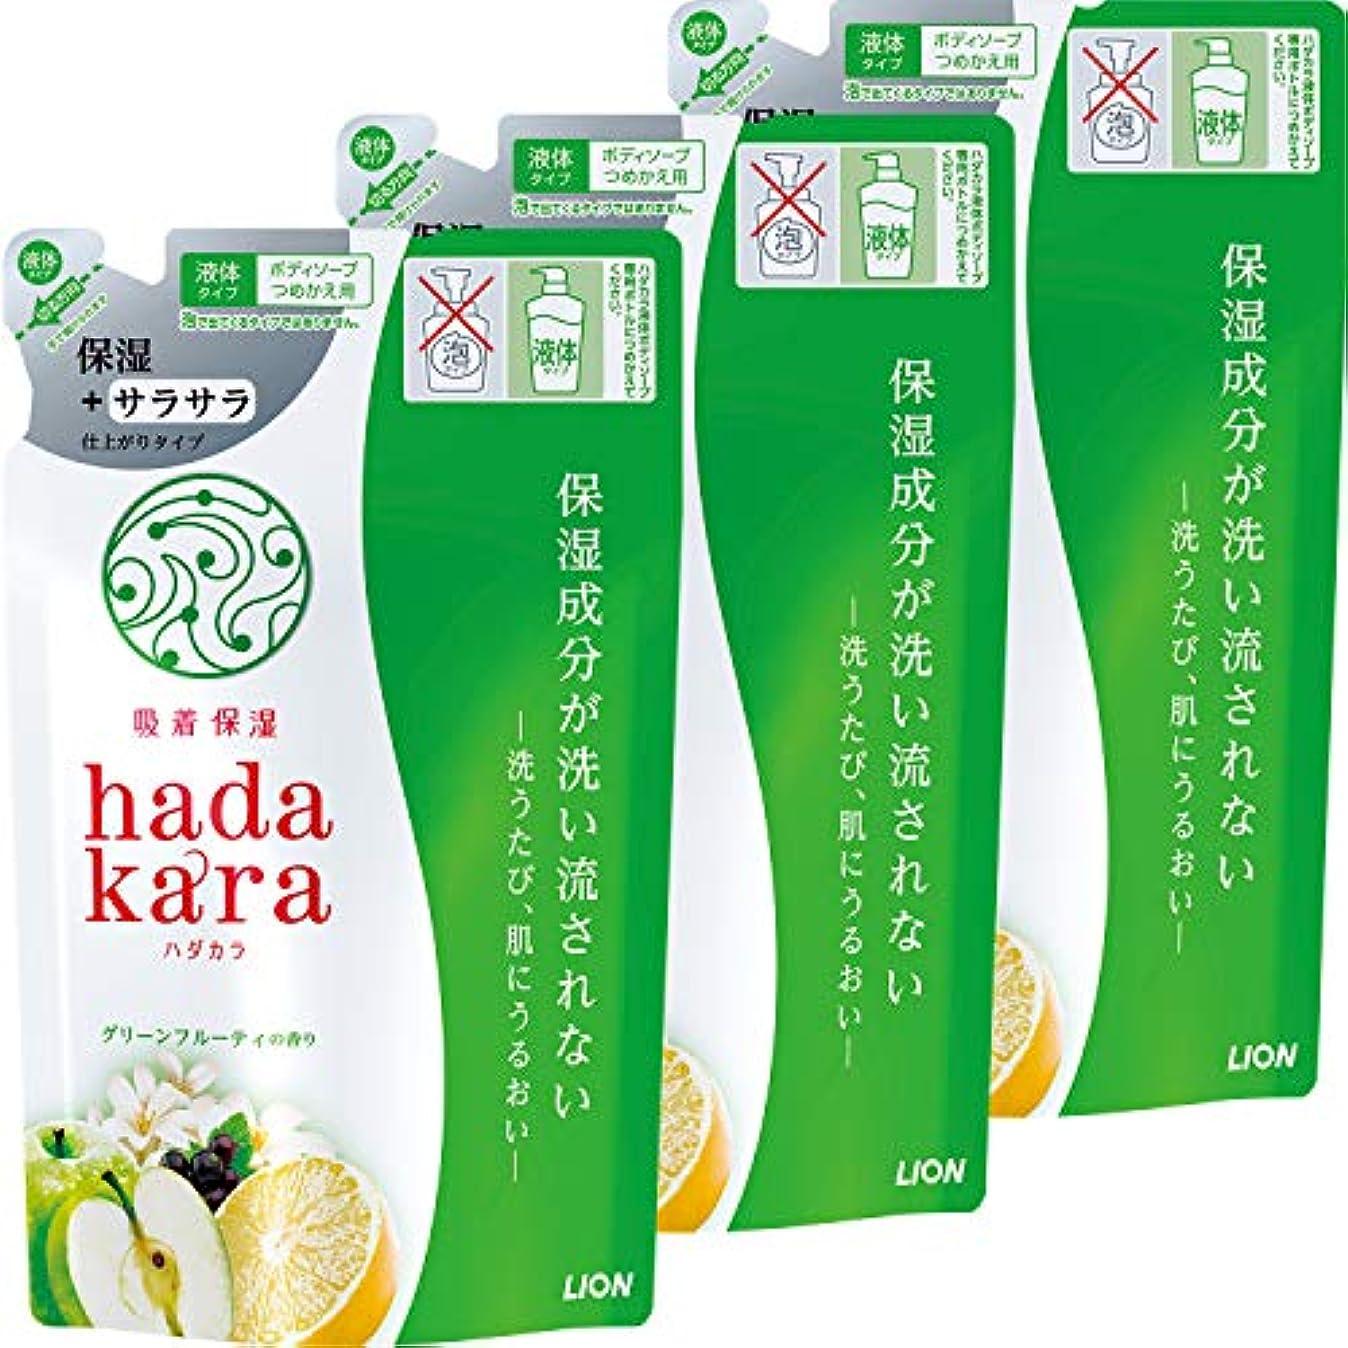 性差別オレンジ土曜日hadakara(ハダカラ) ボディソープ 保湿+サラサラ仕上がりタイプ グリーンフルーティの香り つめかえ340ml×3個 グリーンフルーティ(保湿+サラサラ仕上がり) 詰替え用